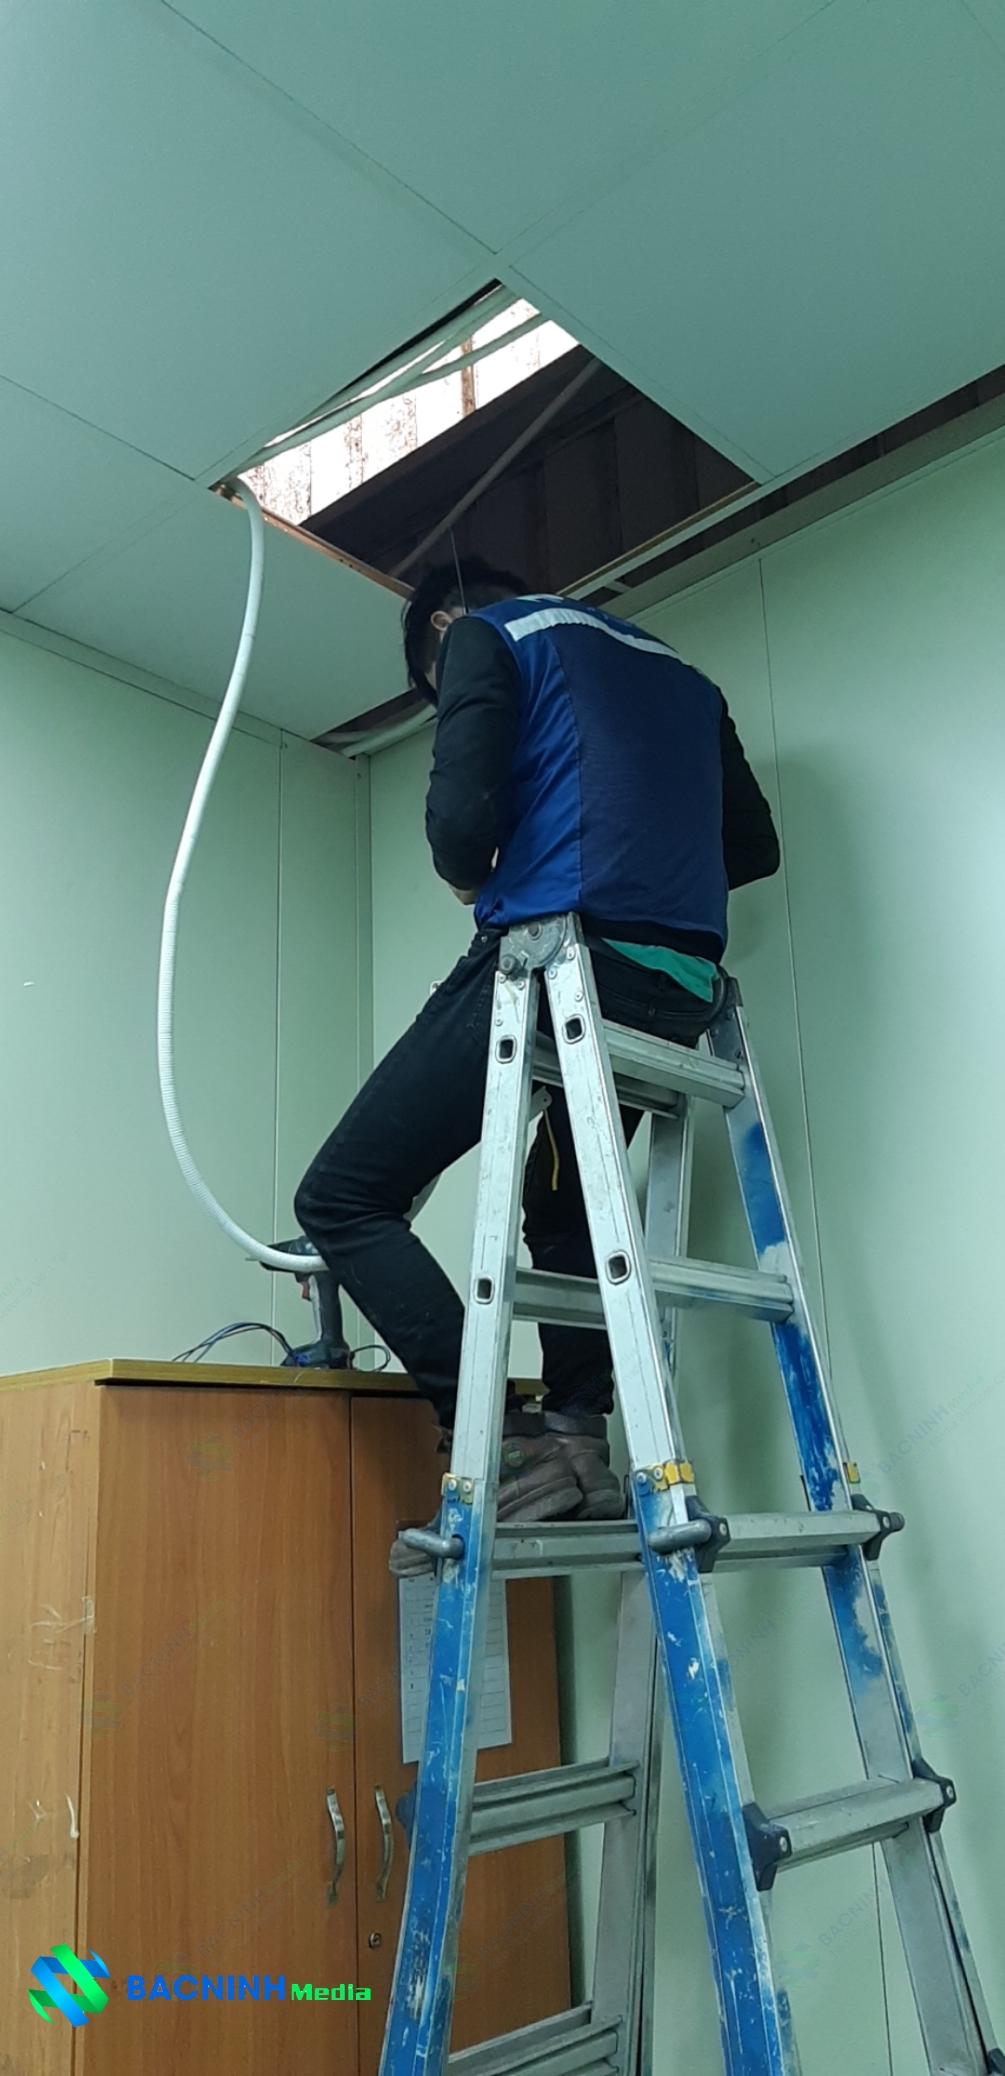 Đồng phục nhân viên Bắc Ninh Media khi làm việc tại các công trường và các dự án thi công hệ thống mạng